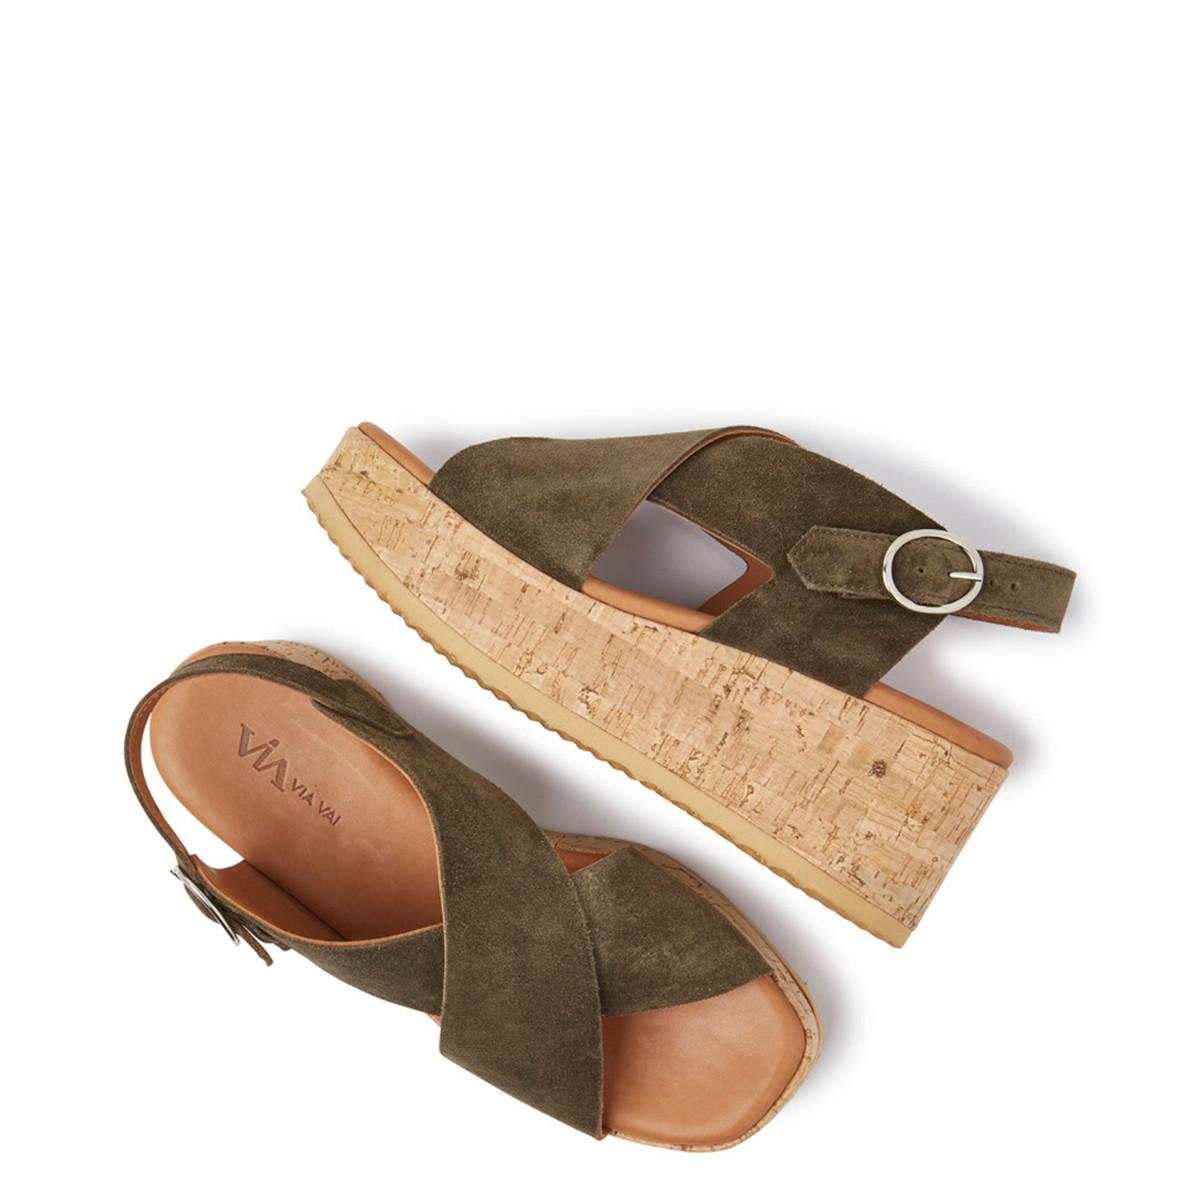 Sissel grøn sandal Via Vai | Rikke Solberg